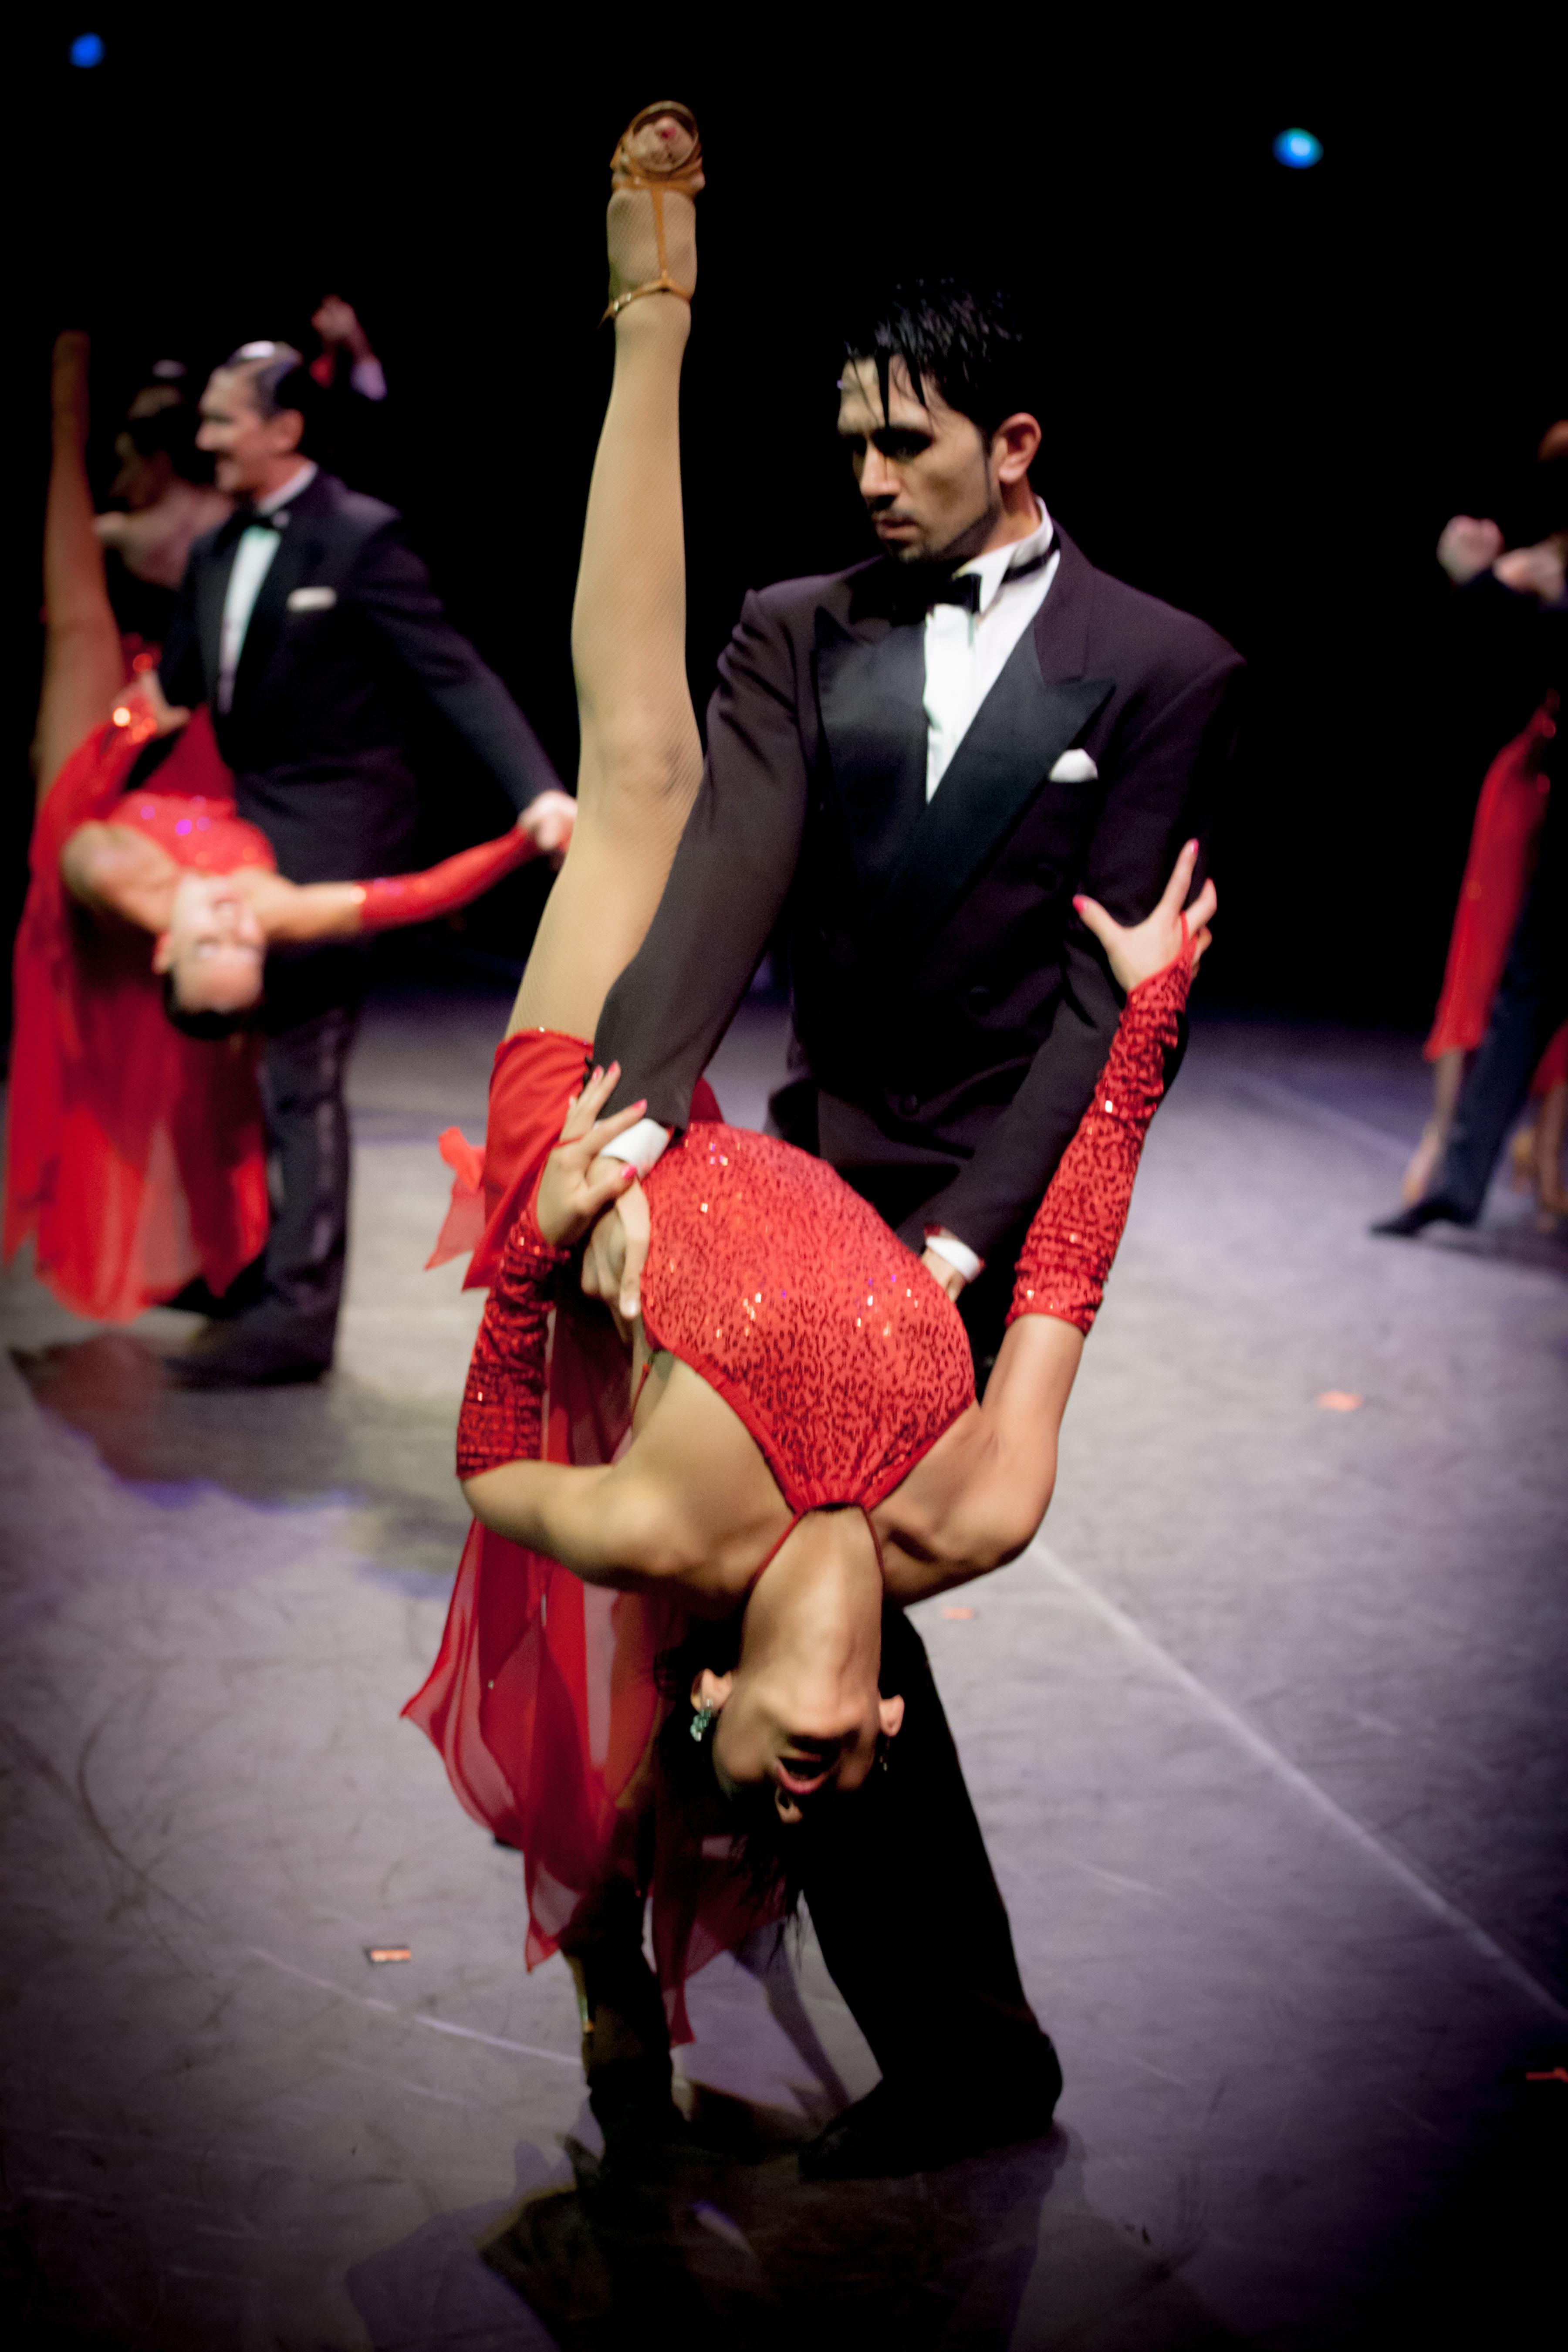 Show Sinfonia de Tango Pasion spectacle danse dance Astor Piazzolla Paris Bobino et tournée France